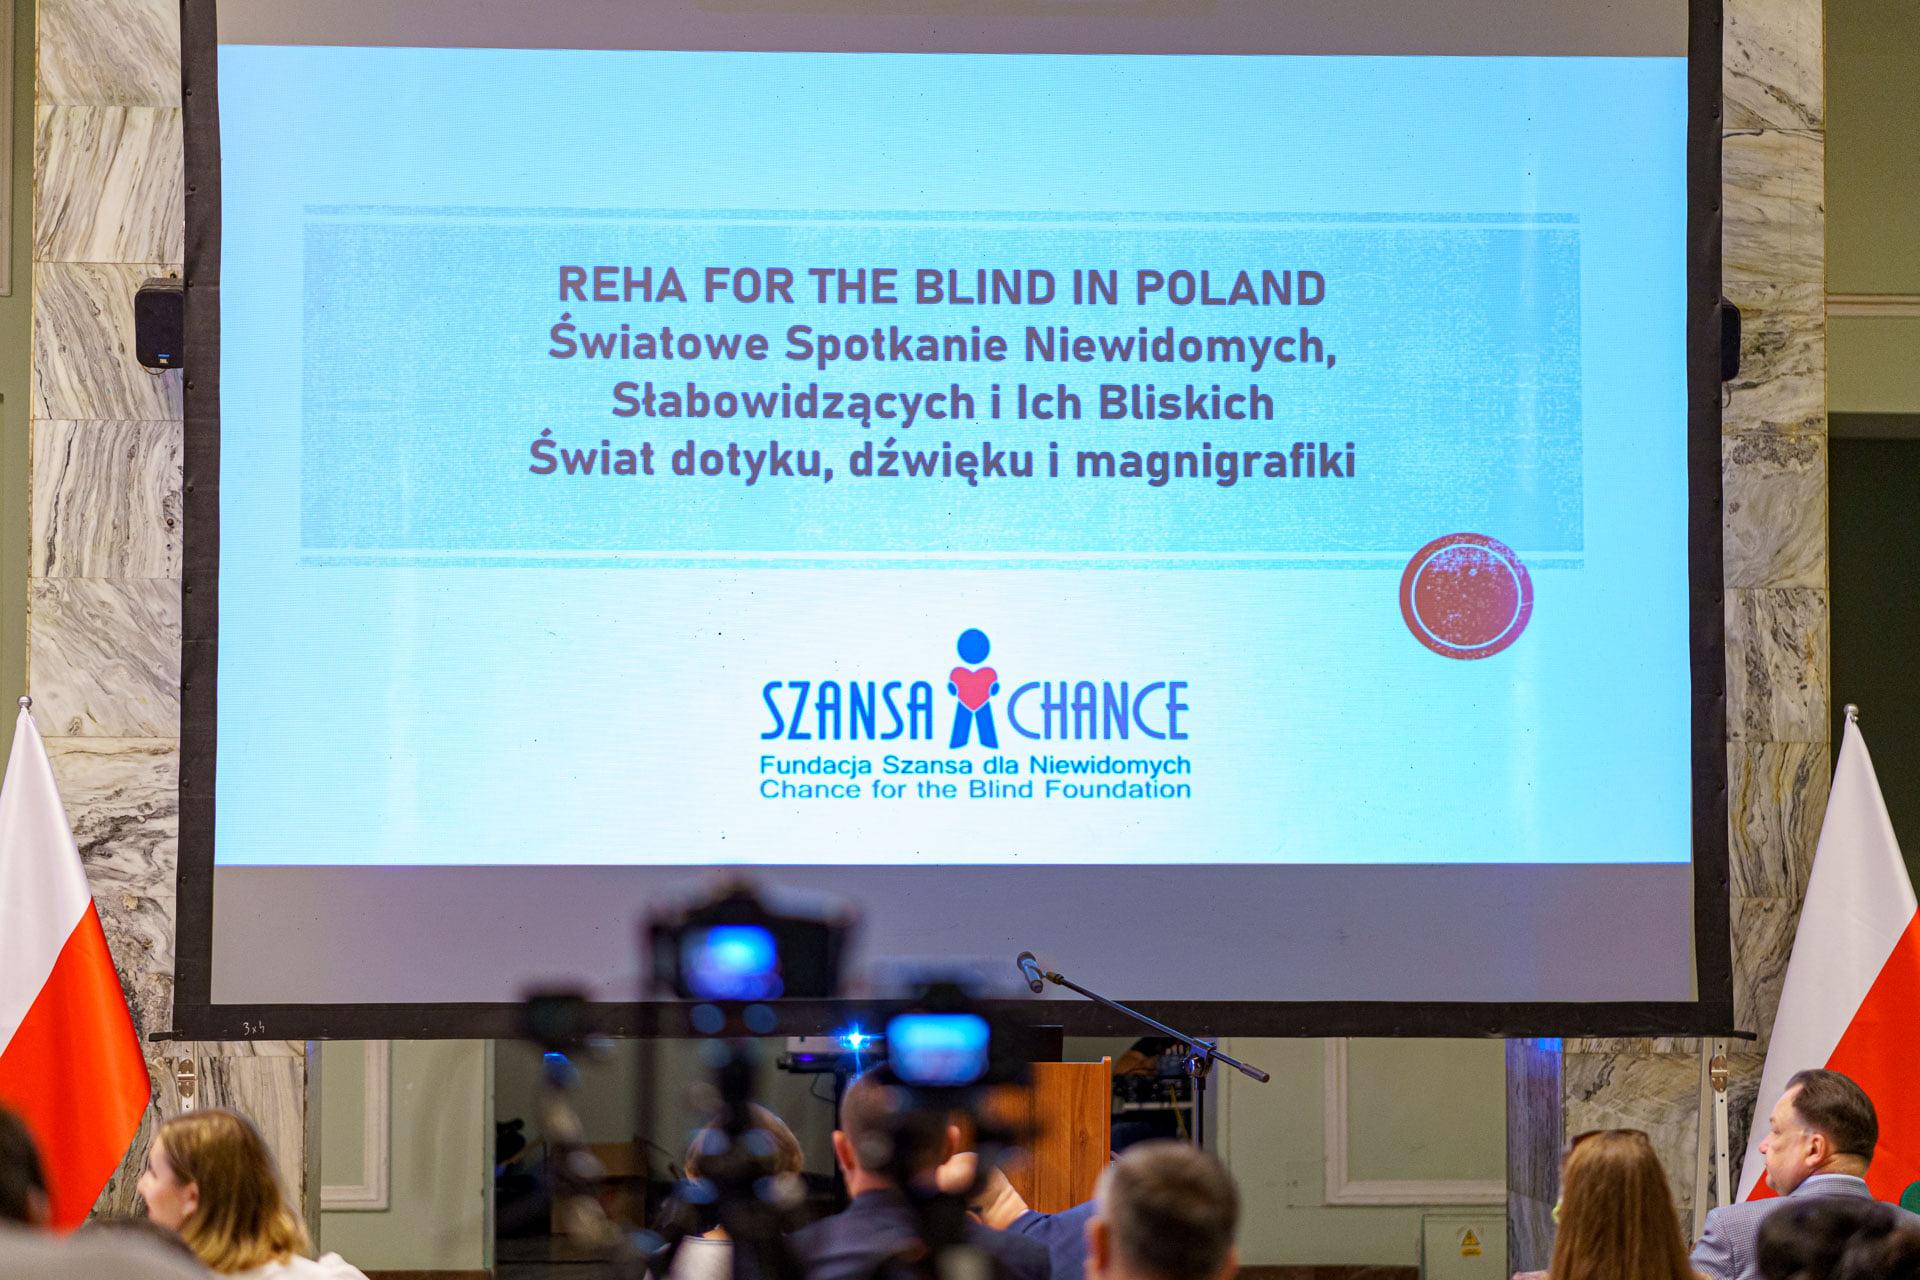 Zdjęcie prezentuje telebim z zeszłorocznej konferencji REHA